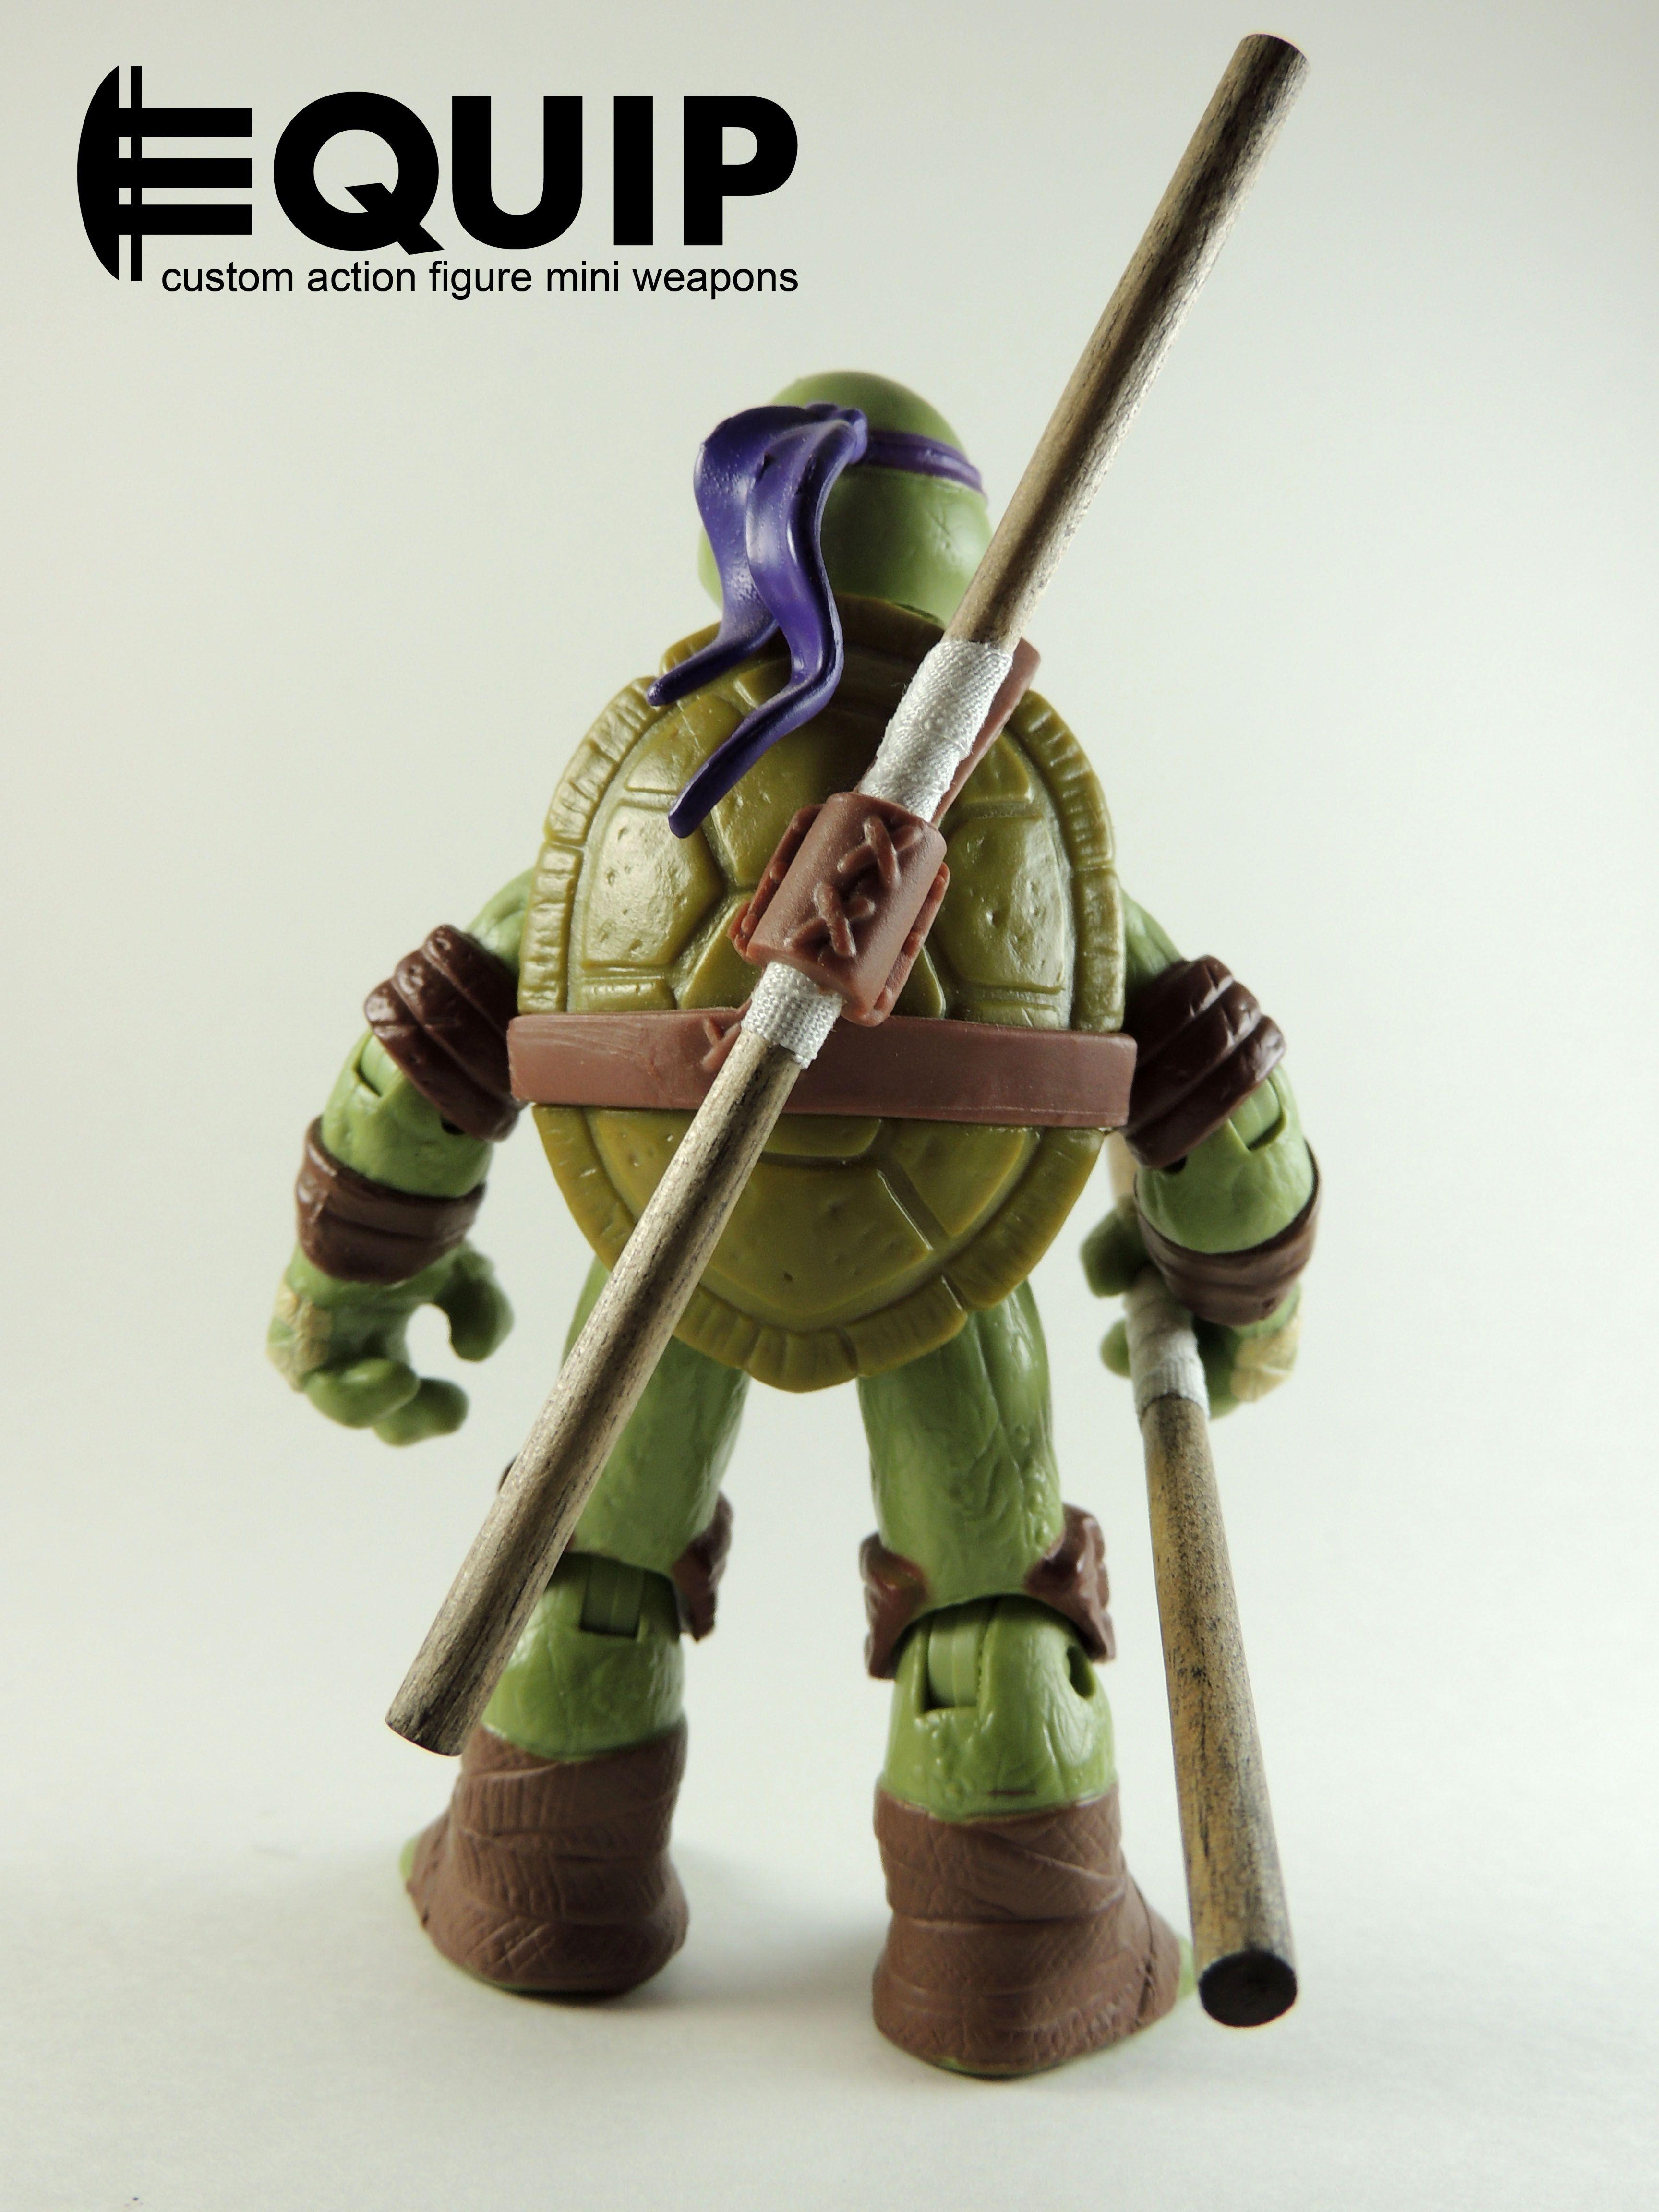 Teenage Ninja Mutant Turtles DONATELLO Bo Staff by Nickelodeon Cowabunga